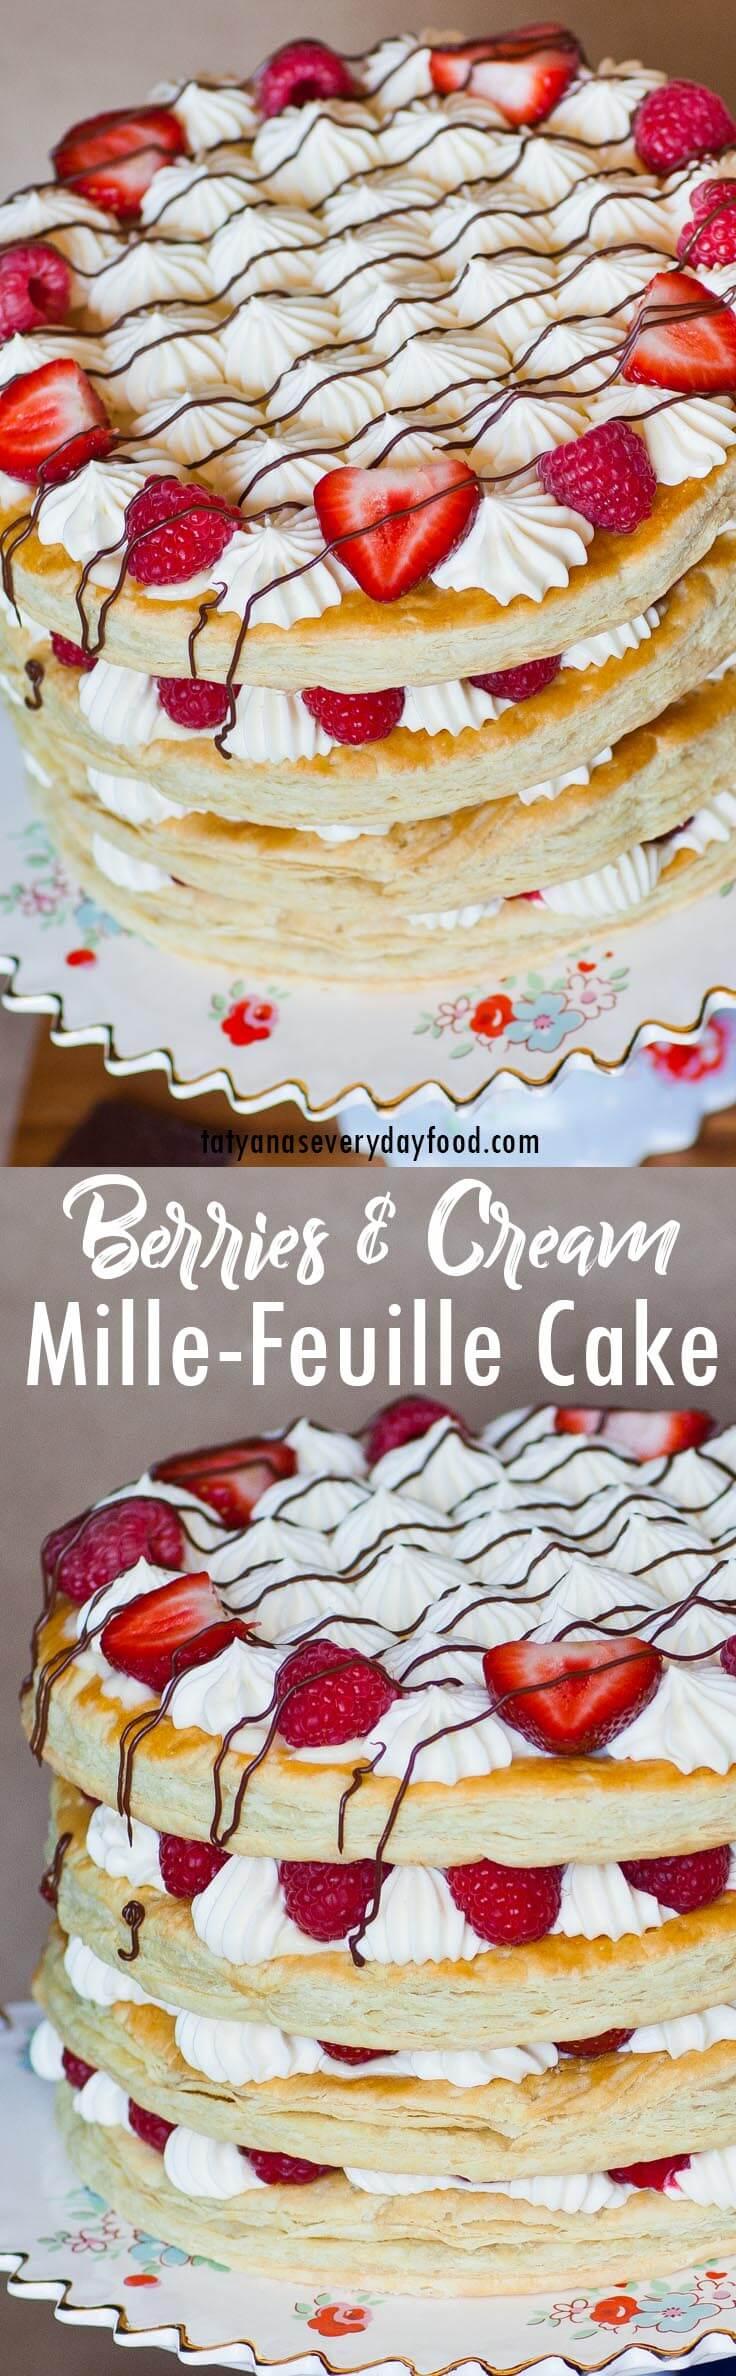 Berries & Cream Mille-Feuille video recipe